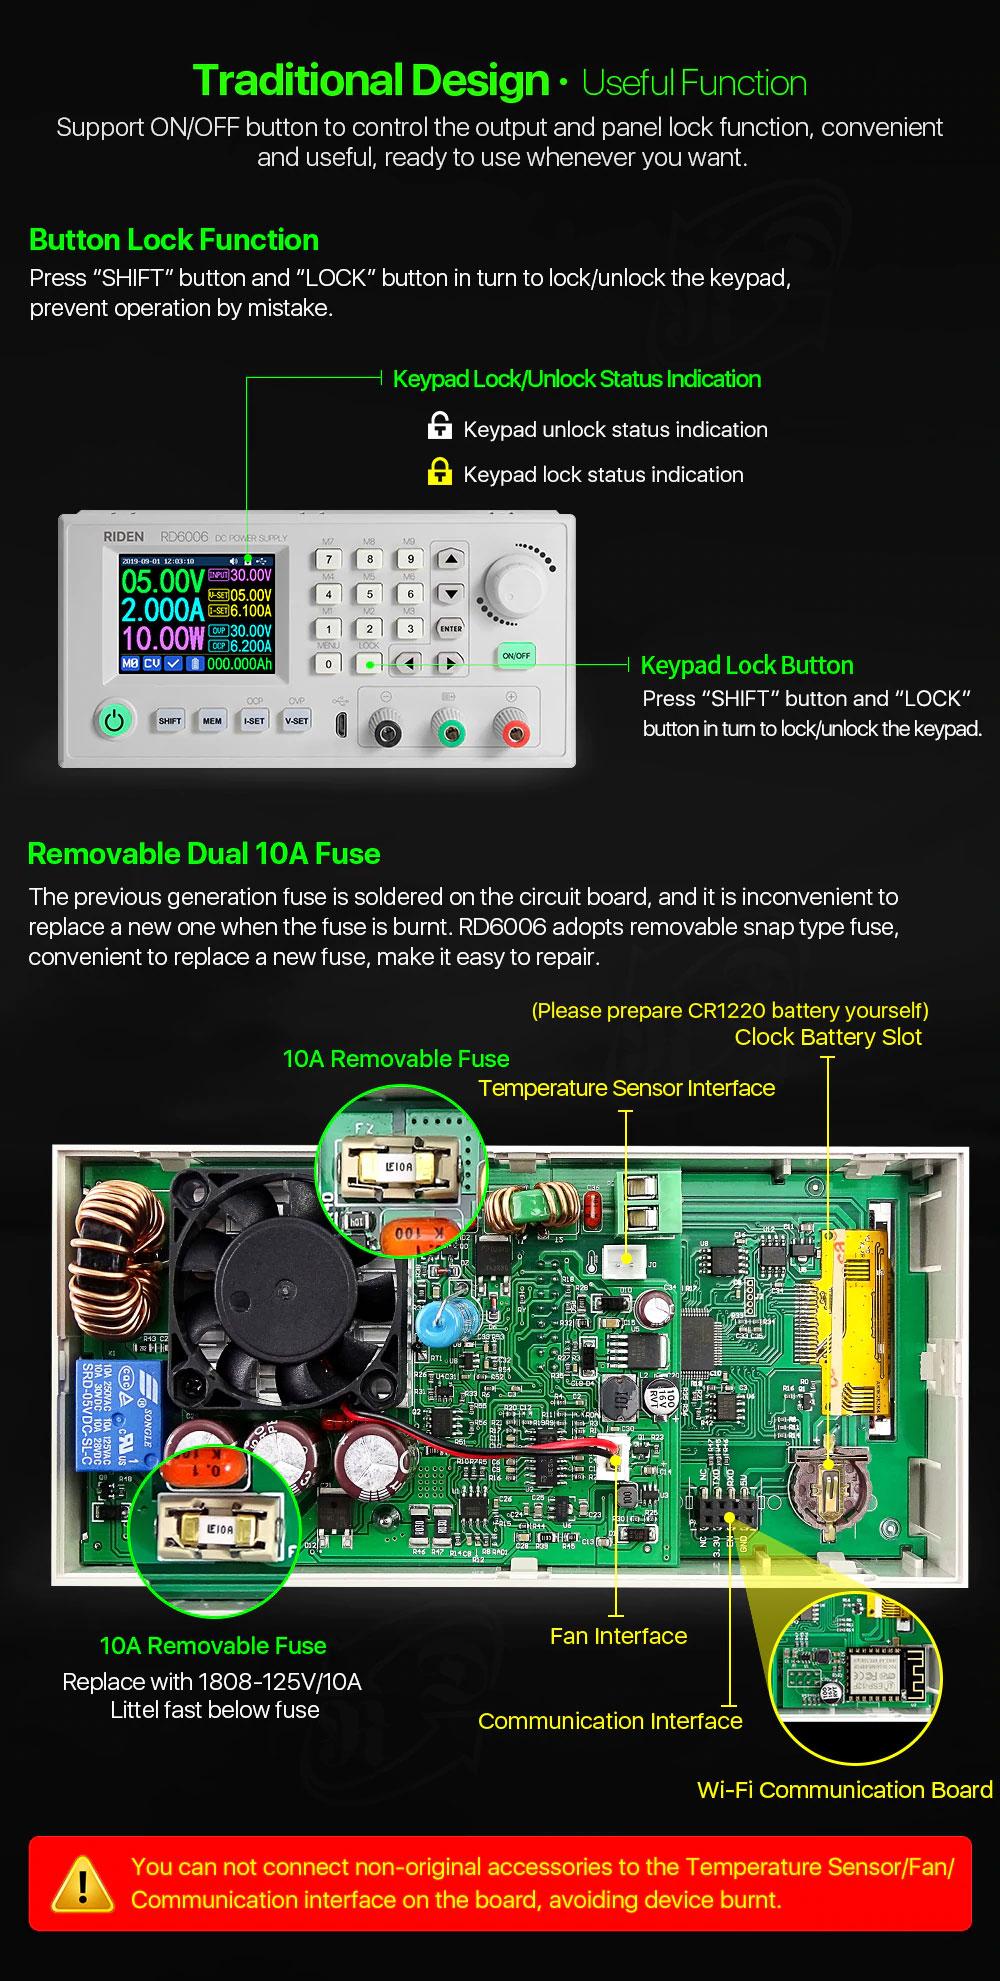 RD6006-W Riden moduł zasilacz laboratoryjny regulowany mikroprocesorowo 0V do 60V 6A 360W WiFi aplikacja Andorid